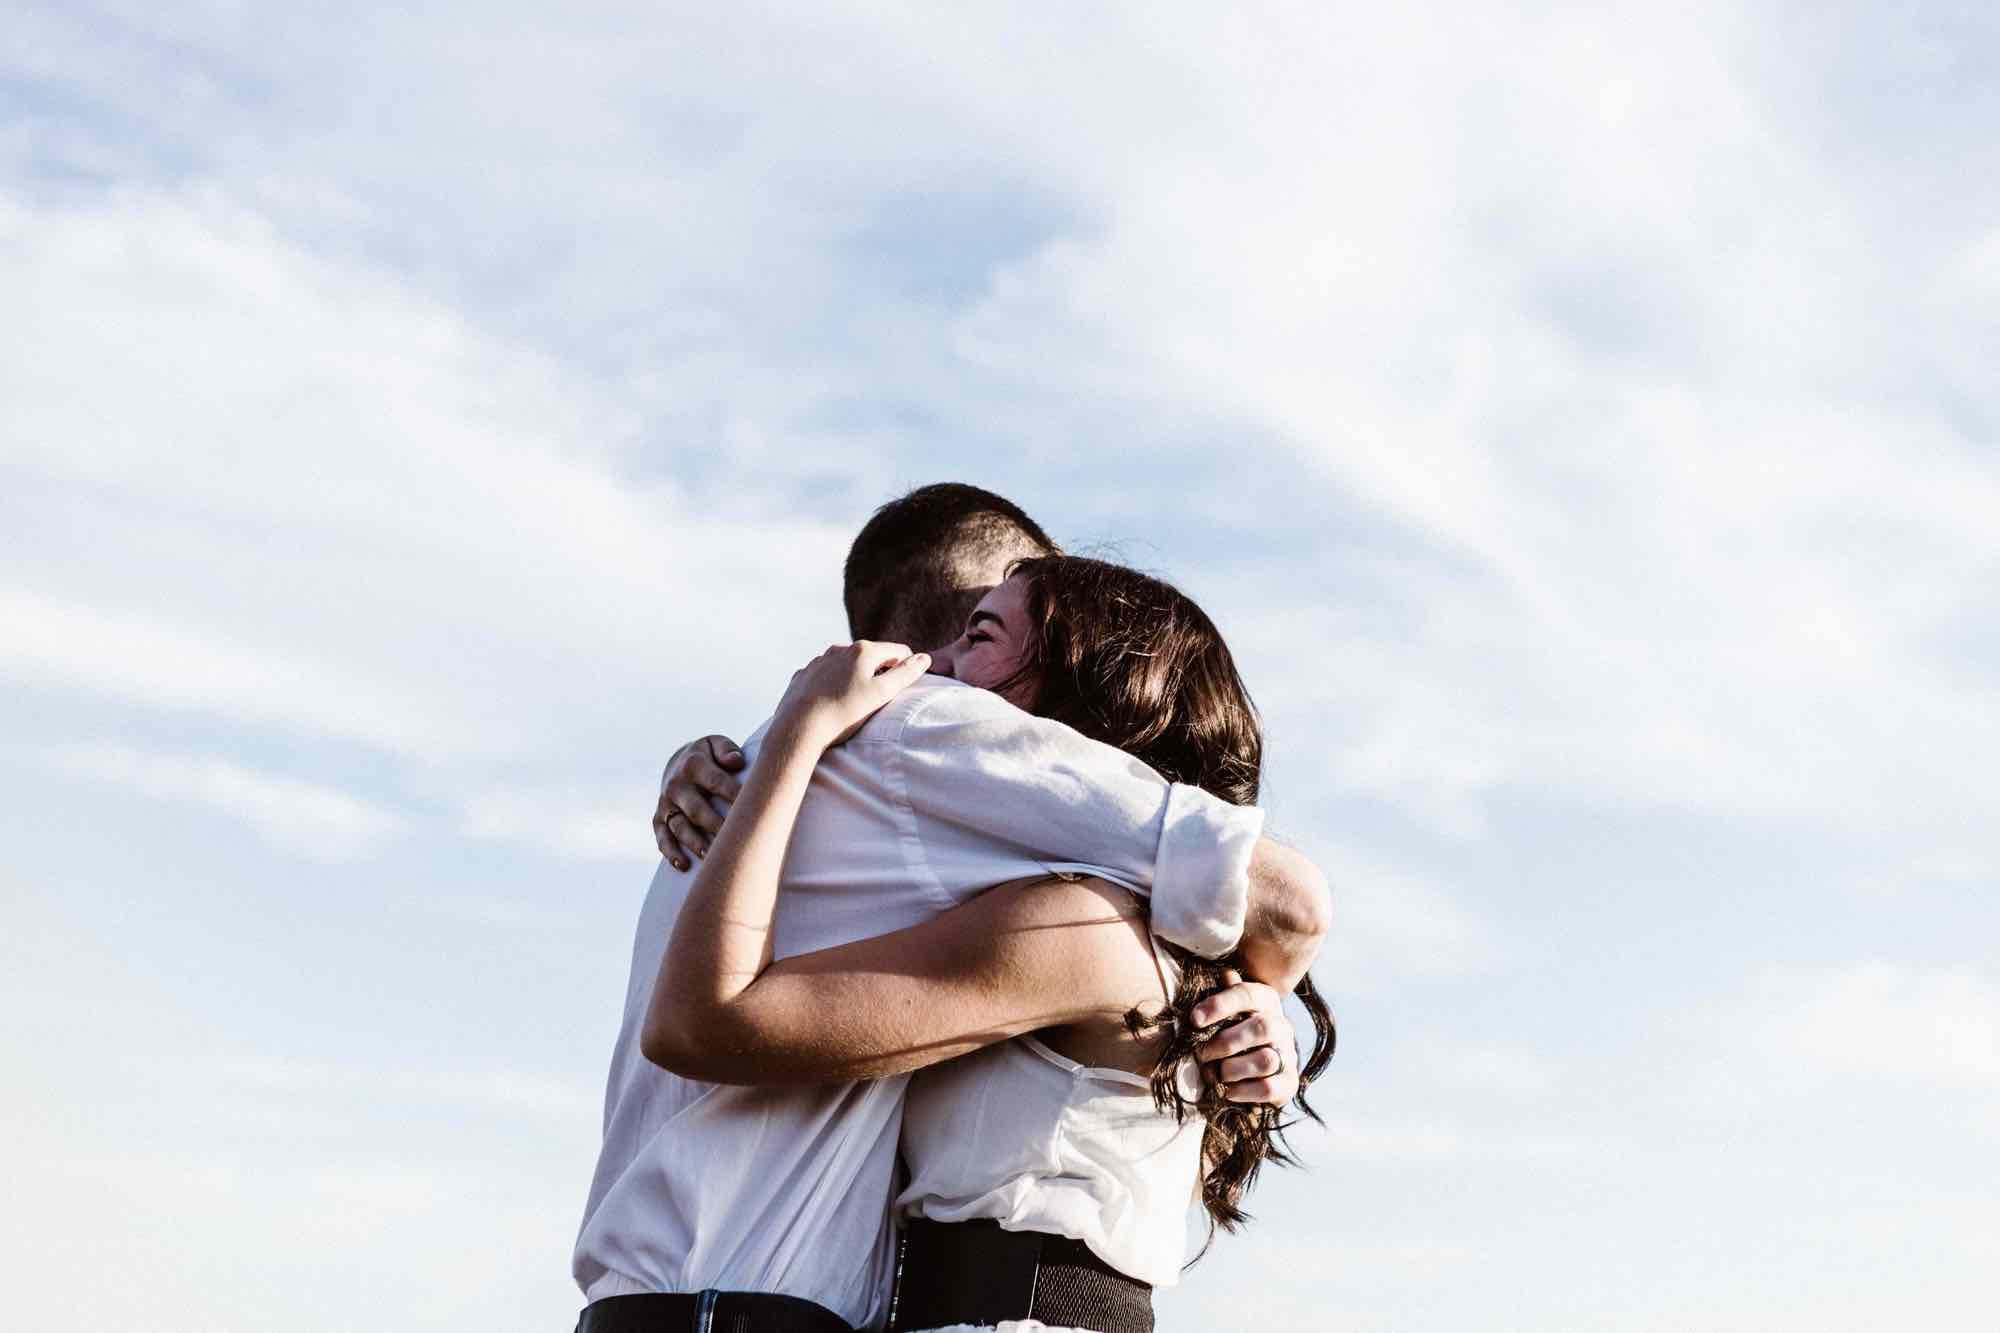 Ein Minikurs zum Umgang mit Konflikten in der Paarbeziehung